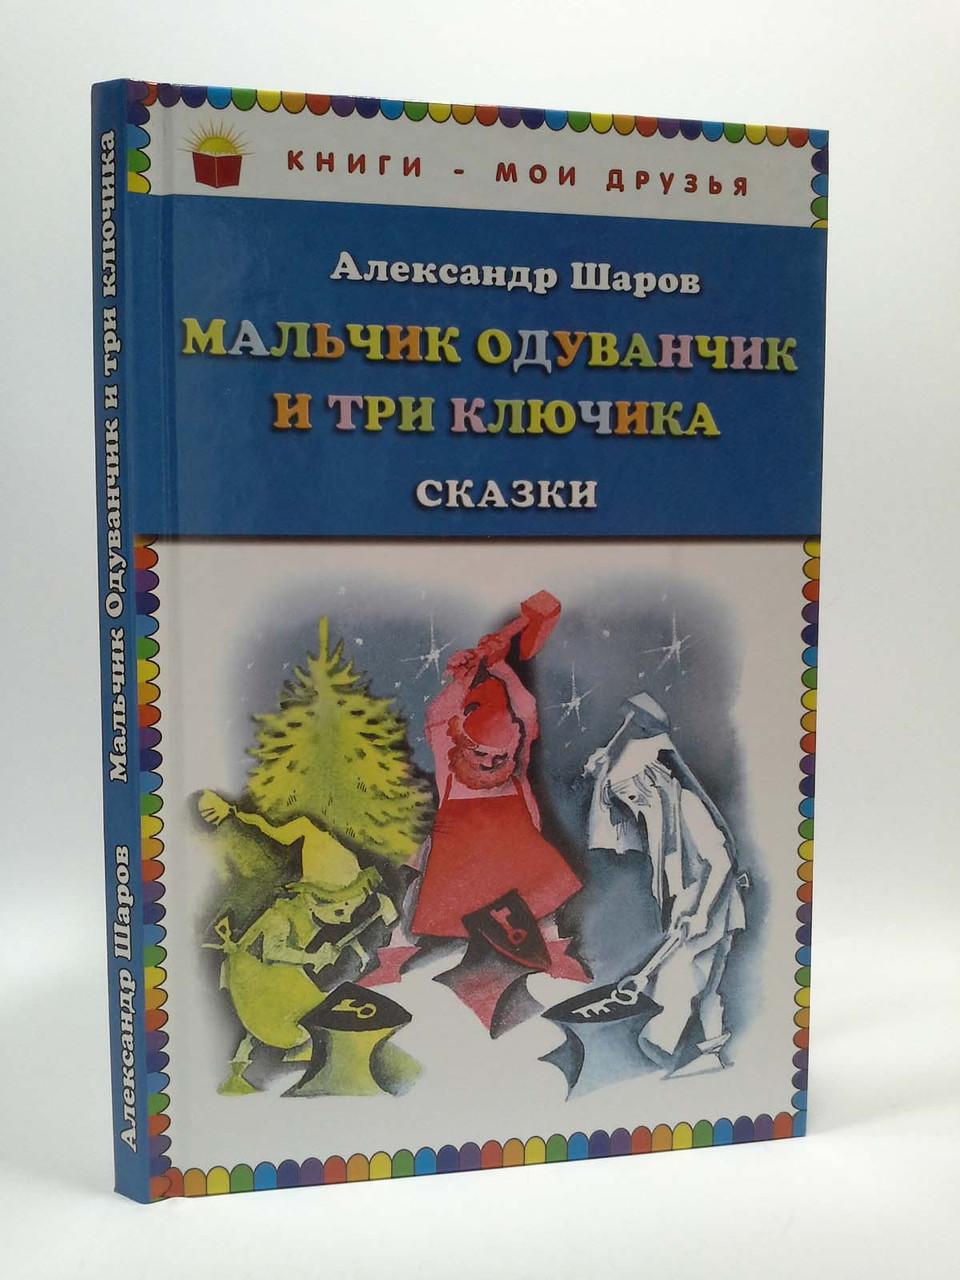 Эксмо КМД Шаров Мальчик Одуванчик и три ключика Сказки (Книги мои друзья)